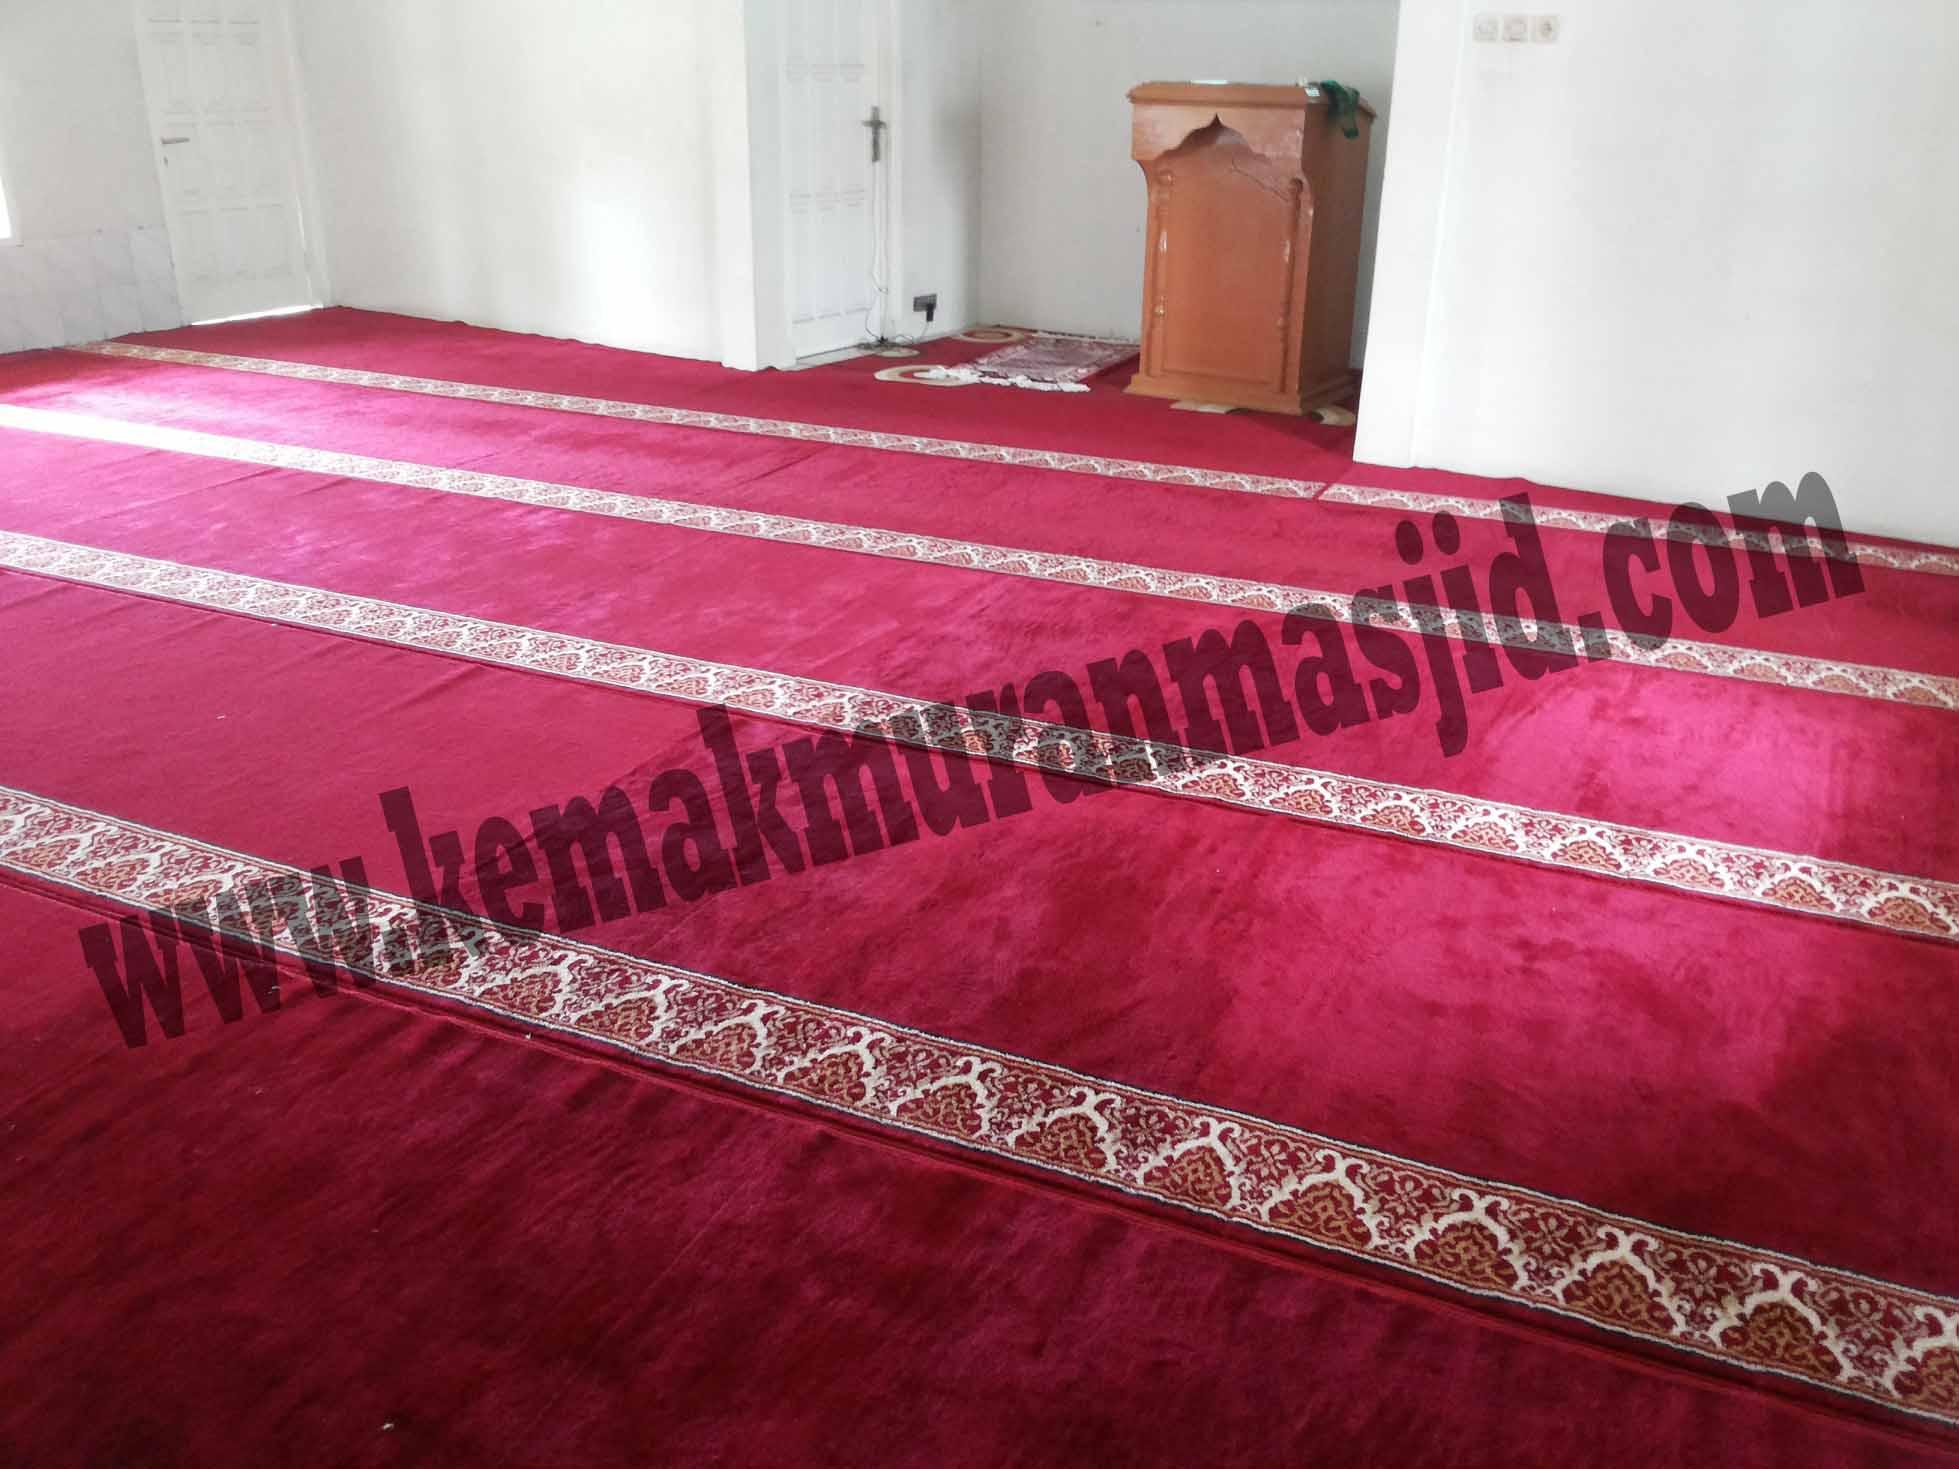 Tempat Harga Jual Karpet Masjid Turki Roll Polos Di Jakarta Terjangkau Dan Berkualitas